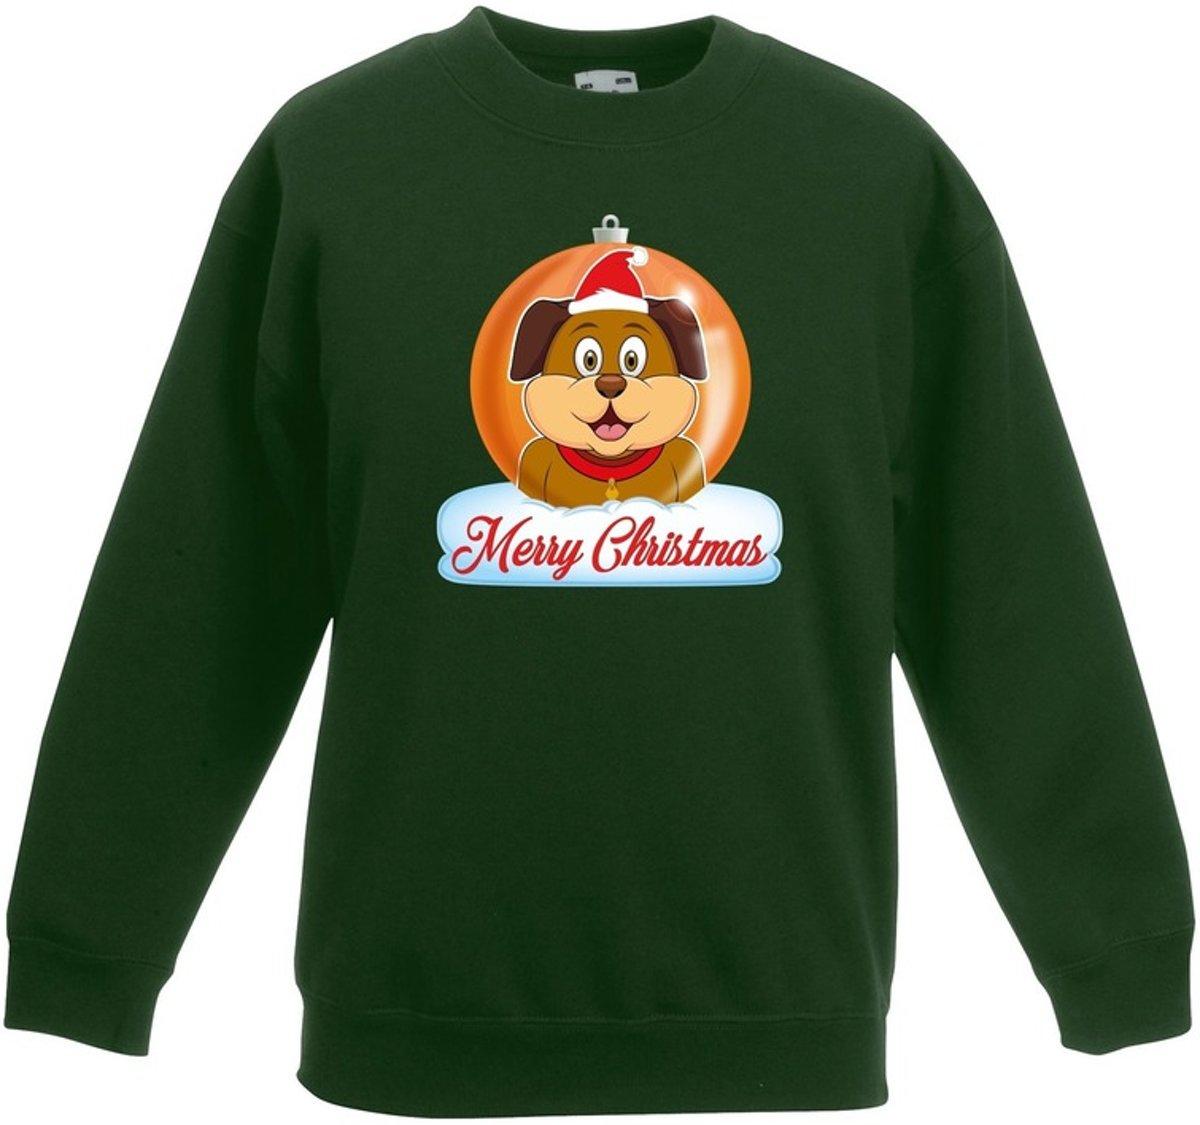 Kersttrui Merry Christmas hond kerstbal groen jongens en meisjes - Kerstruien kind 9-11 jaar (134/146) kopen